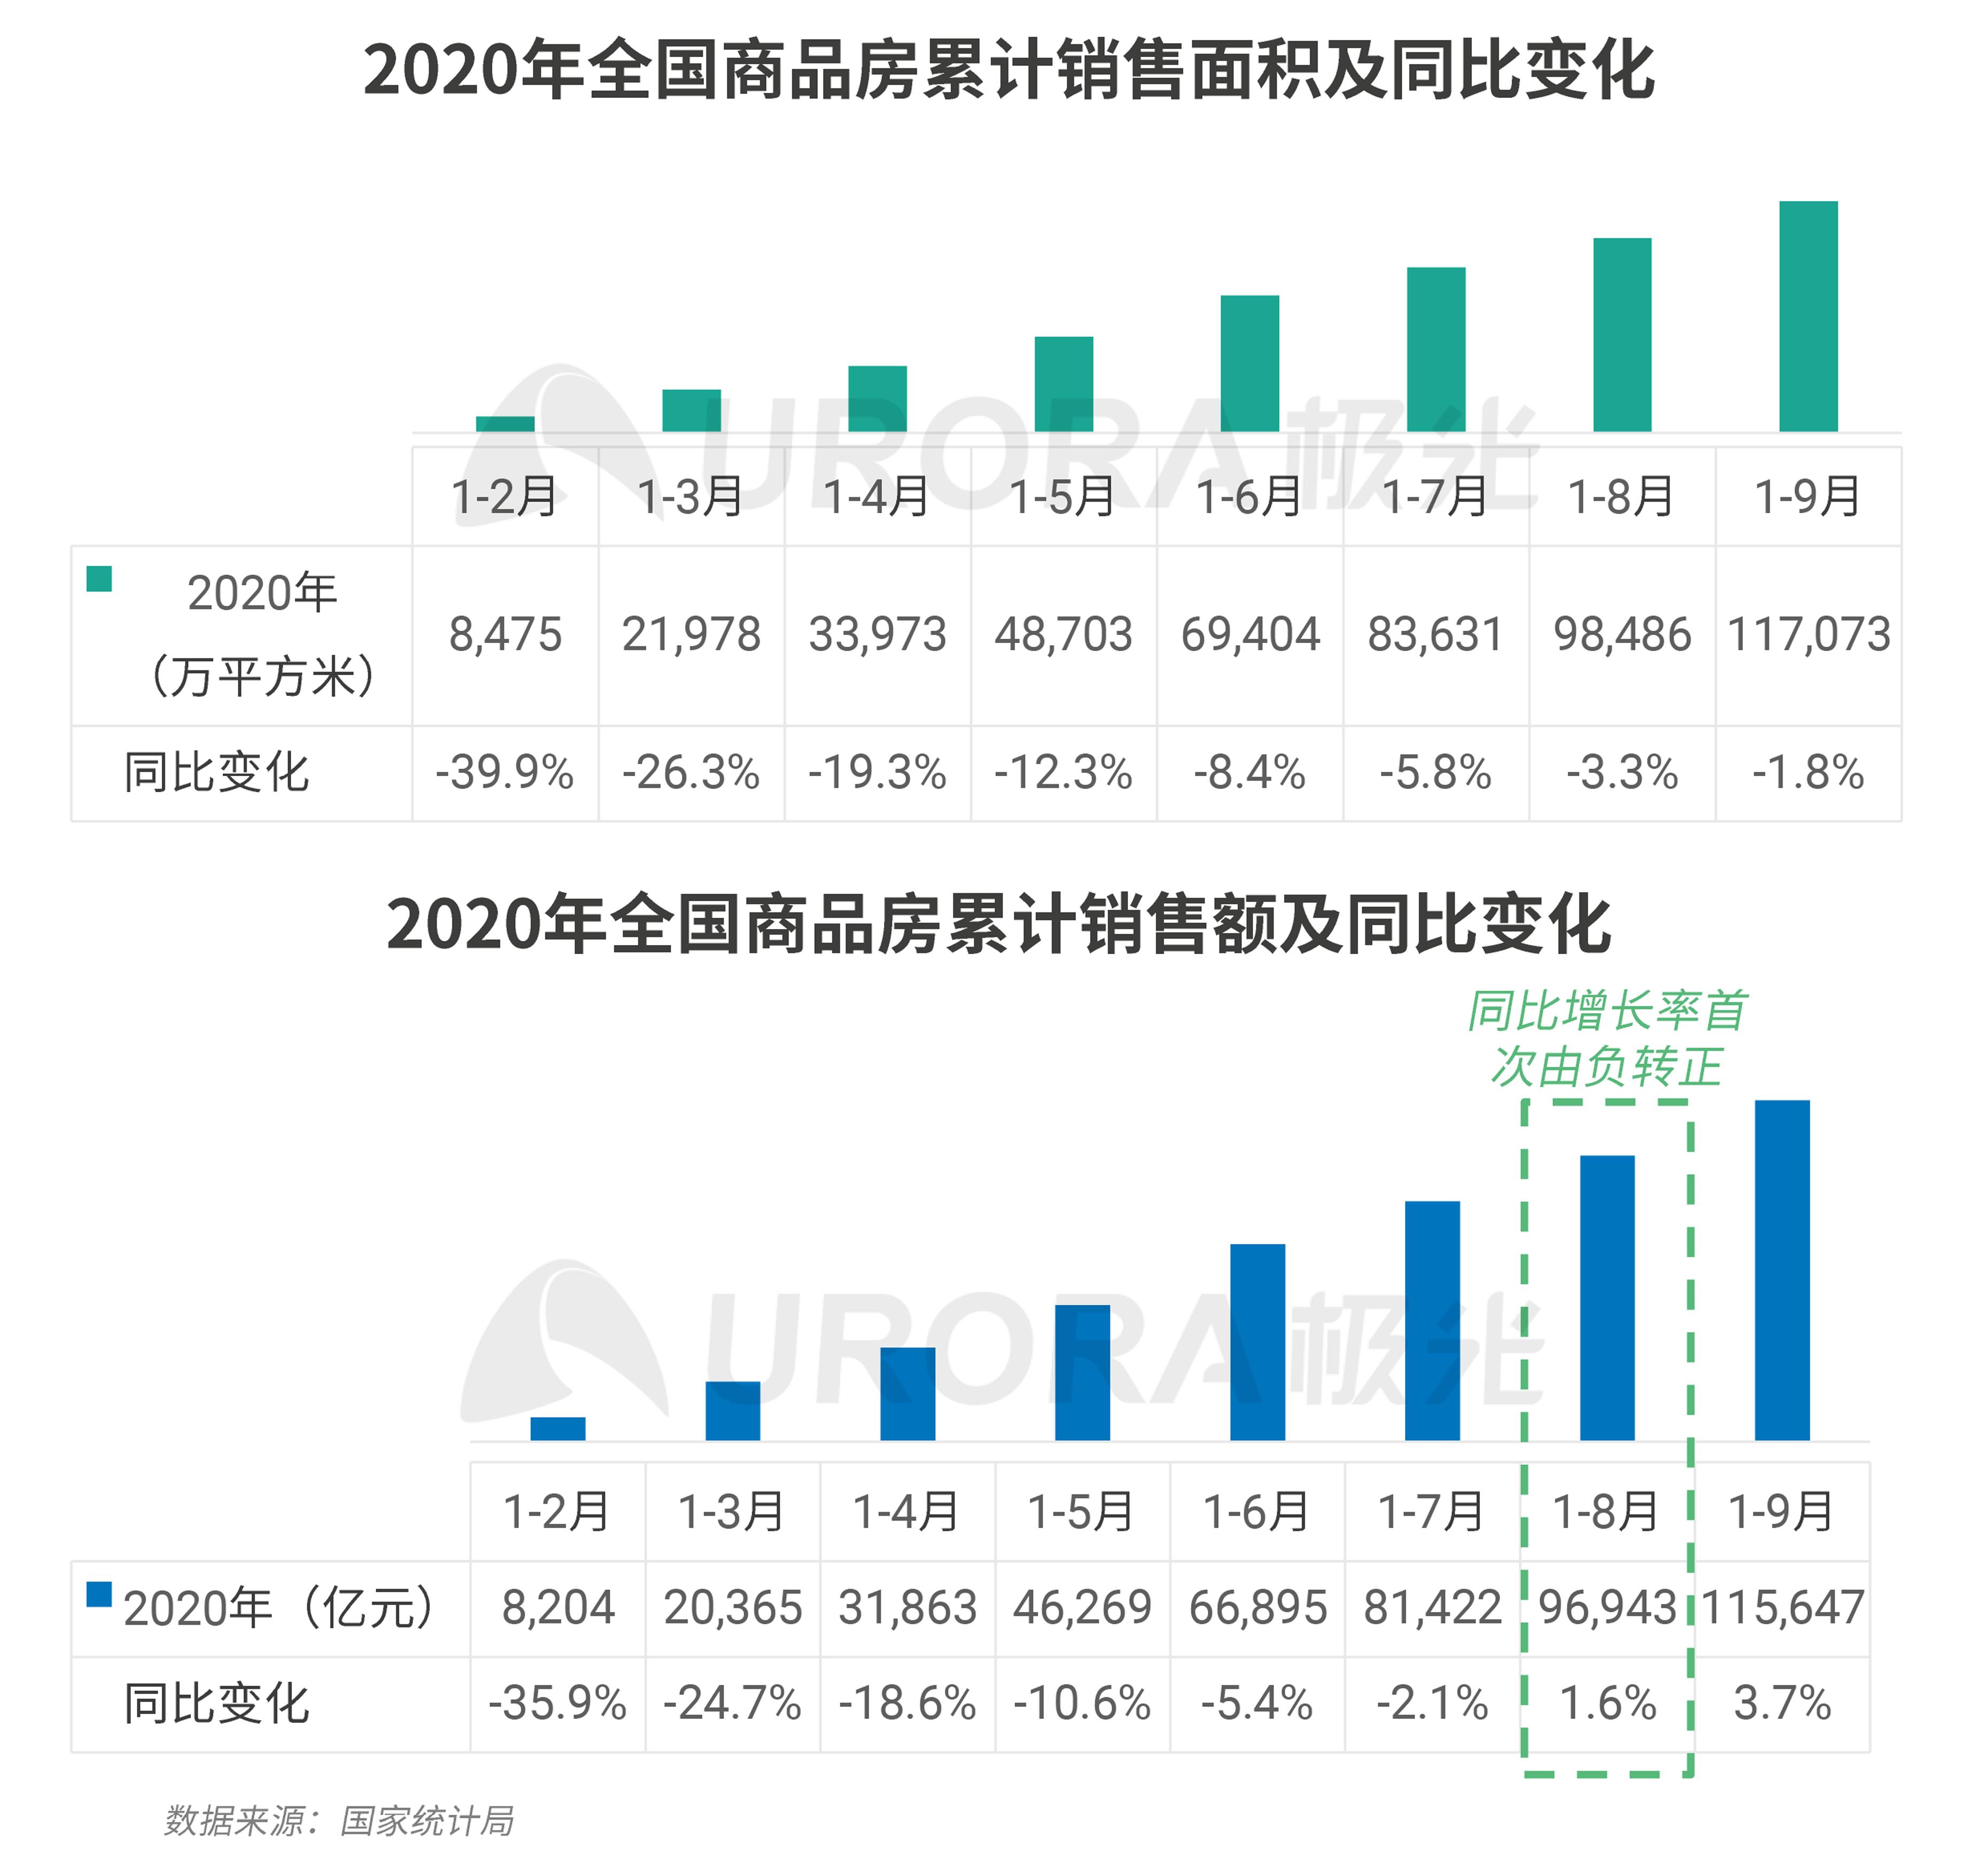 极光:数字经济新时代,房产平台新机遇 (1).png